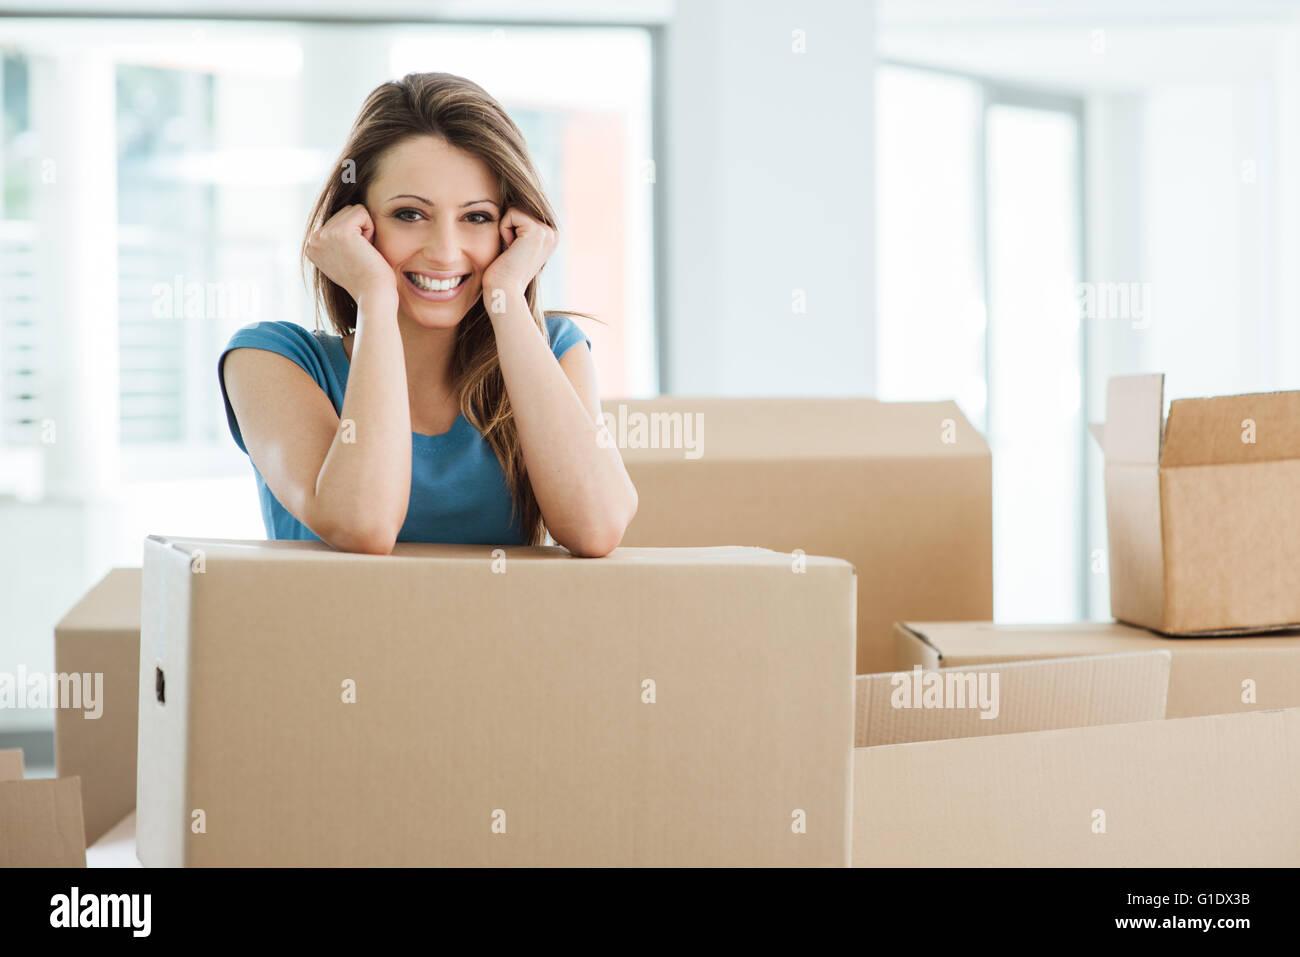 Souriante jeune femme déménagement dans sa nouvelle maison et s'appuyant sur une boîte en carton Photo Stock